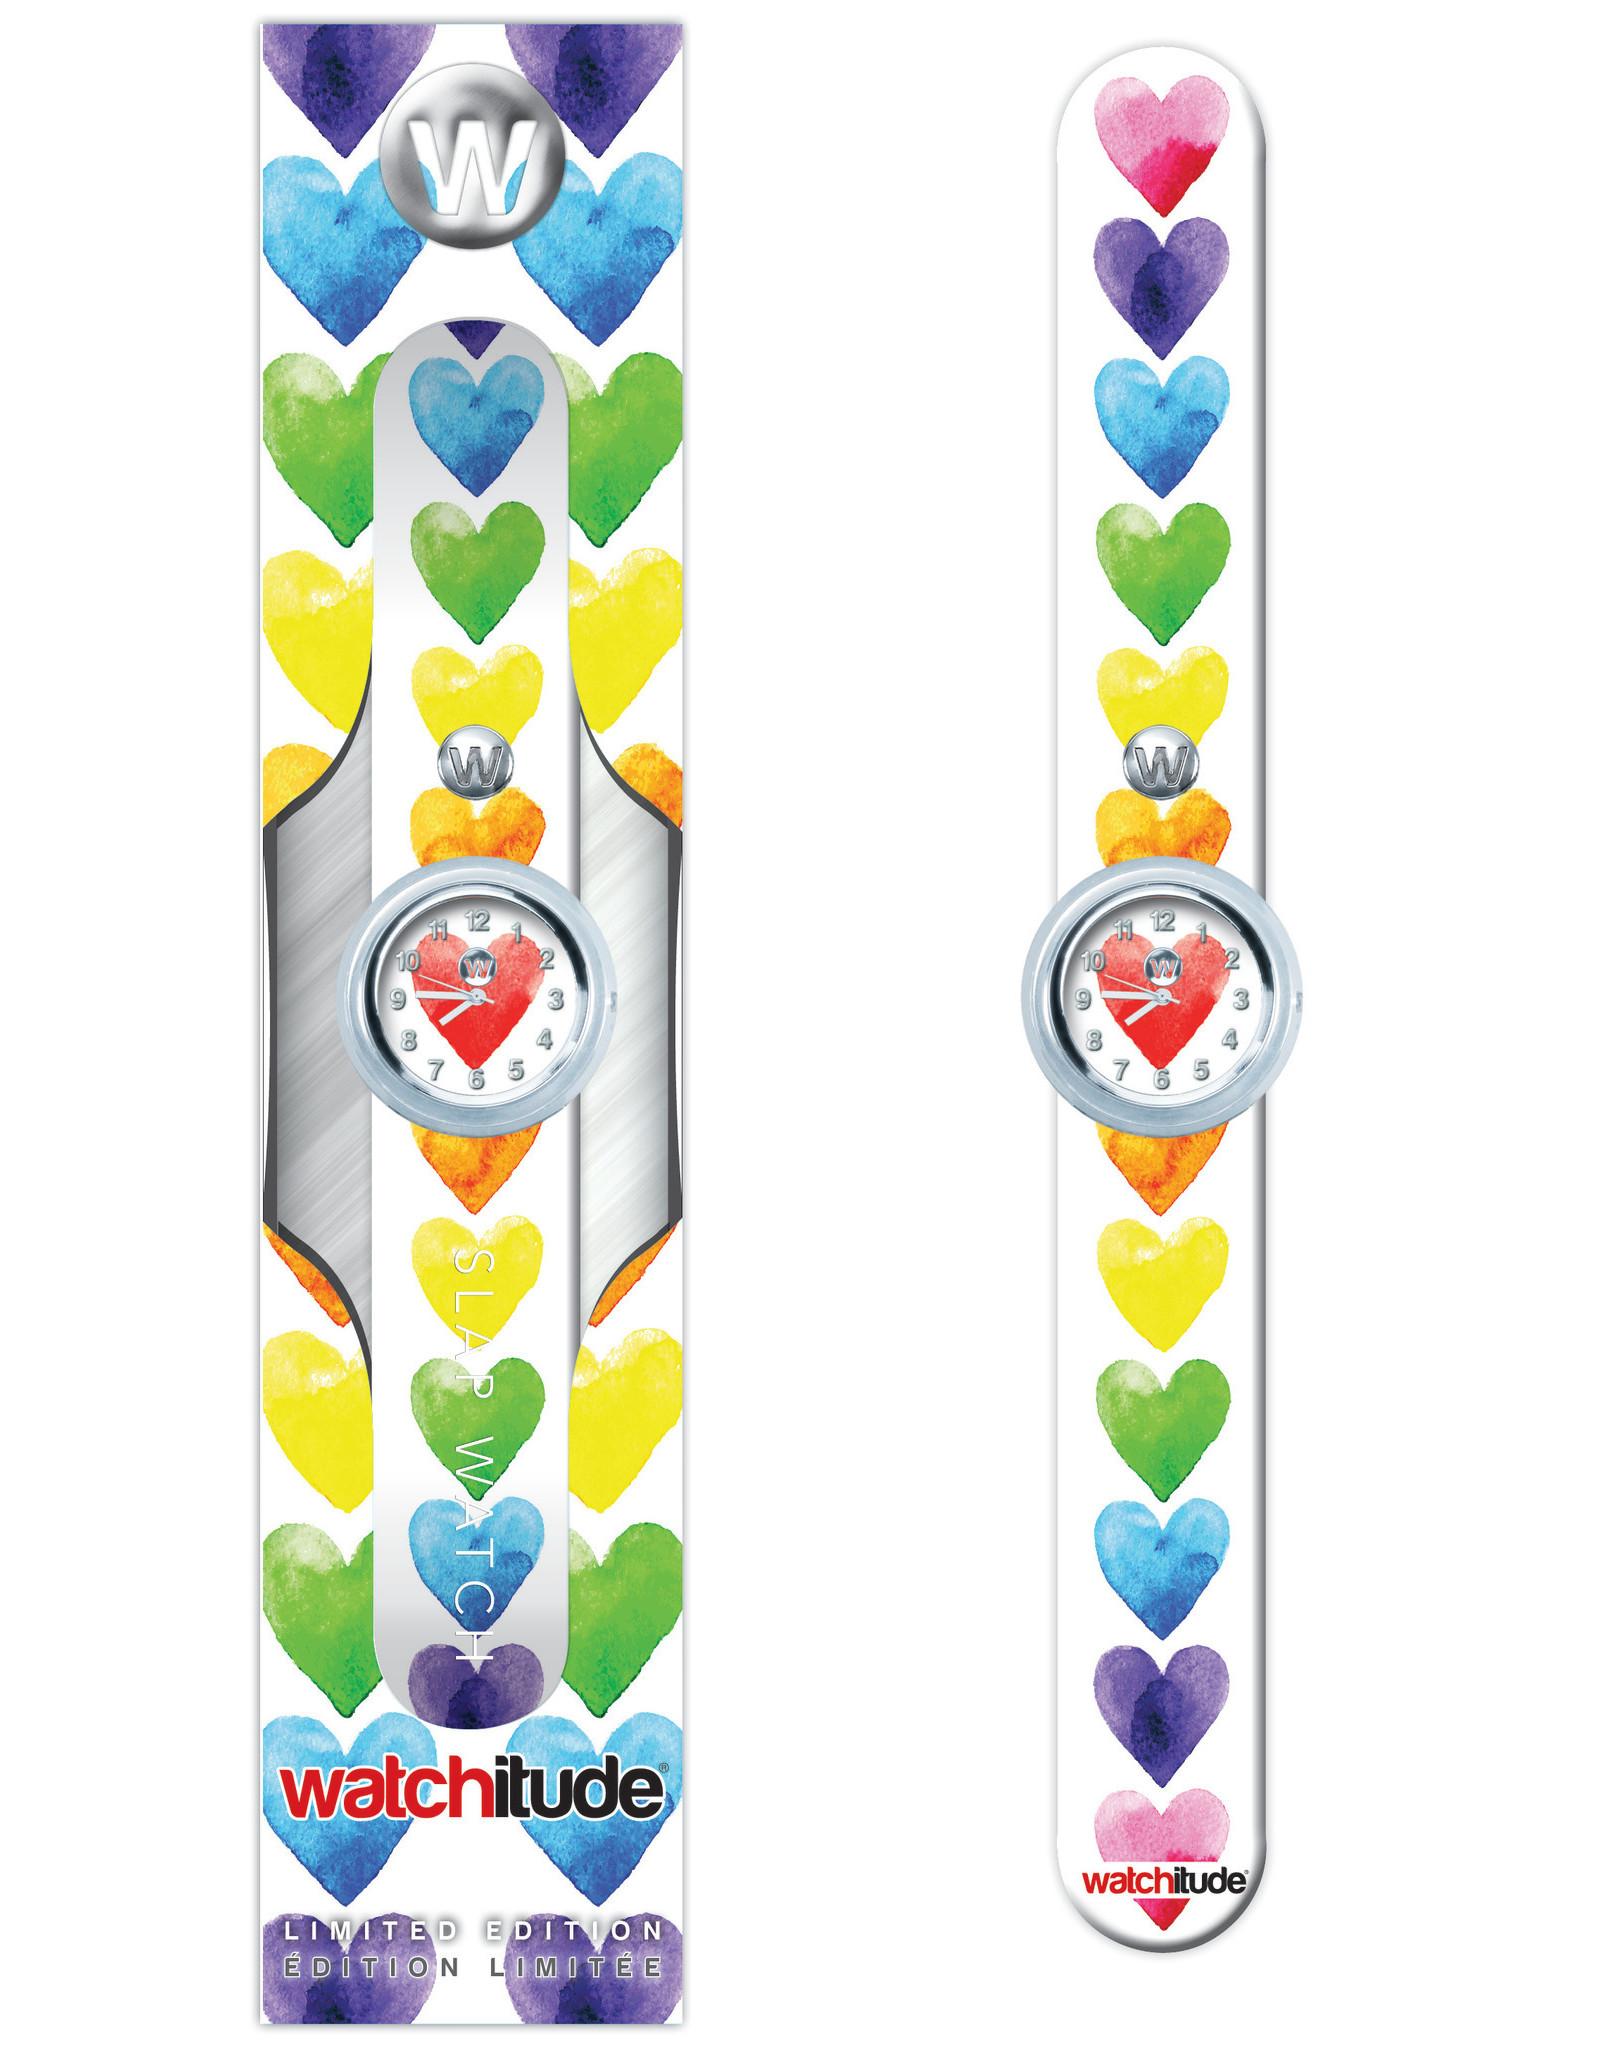 Watchitude Watchitude Slap Watch- #178 watercolor hearts